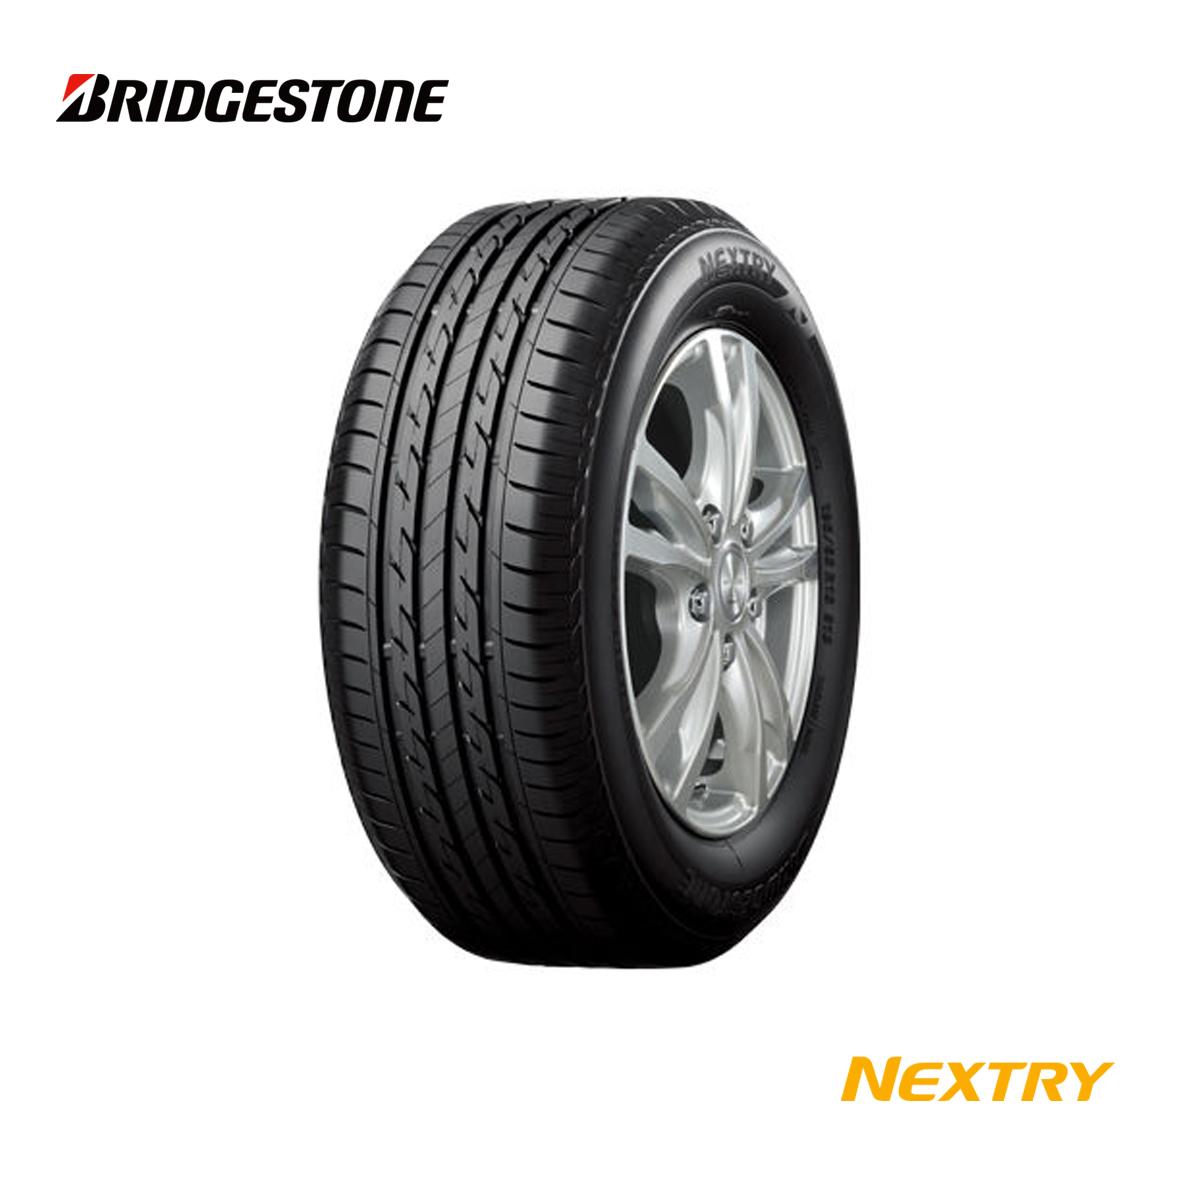 ブリヂストン 18インチ タイヤ 235/50R18 235 50 18 97V ネクストリー サマータイヤ 1本 97V 低燃費 エコ 夏 サマー タイヤ BRIDGESTONE NEXTRY